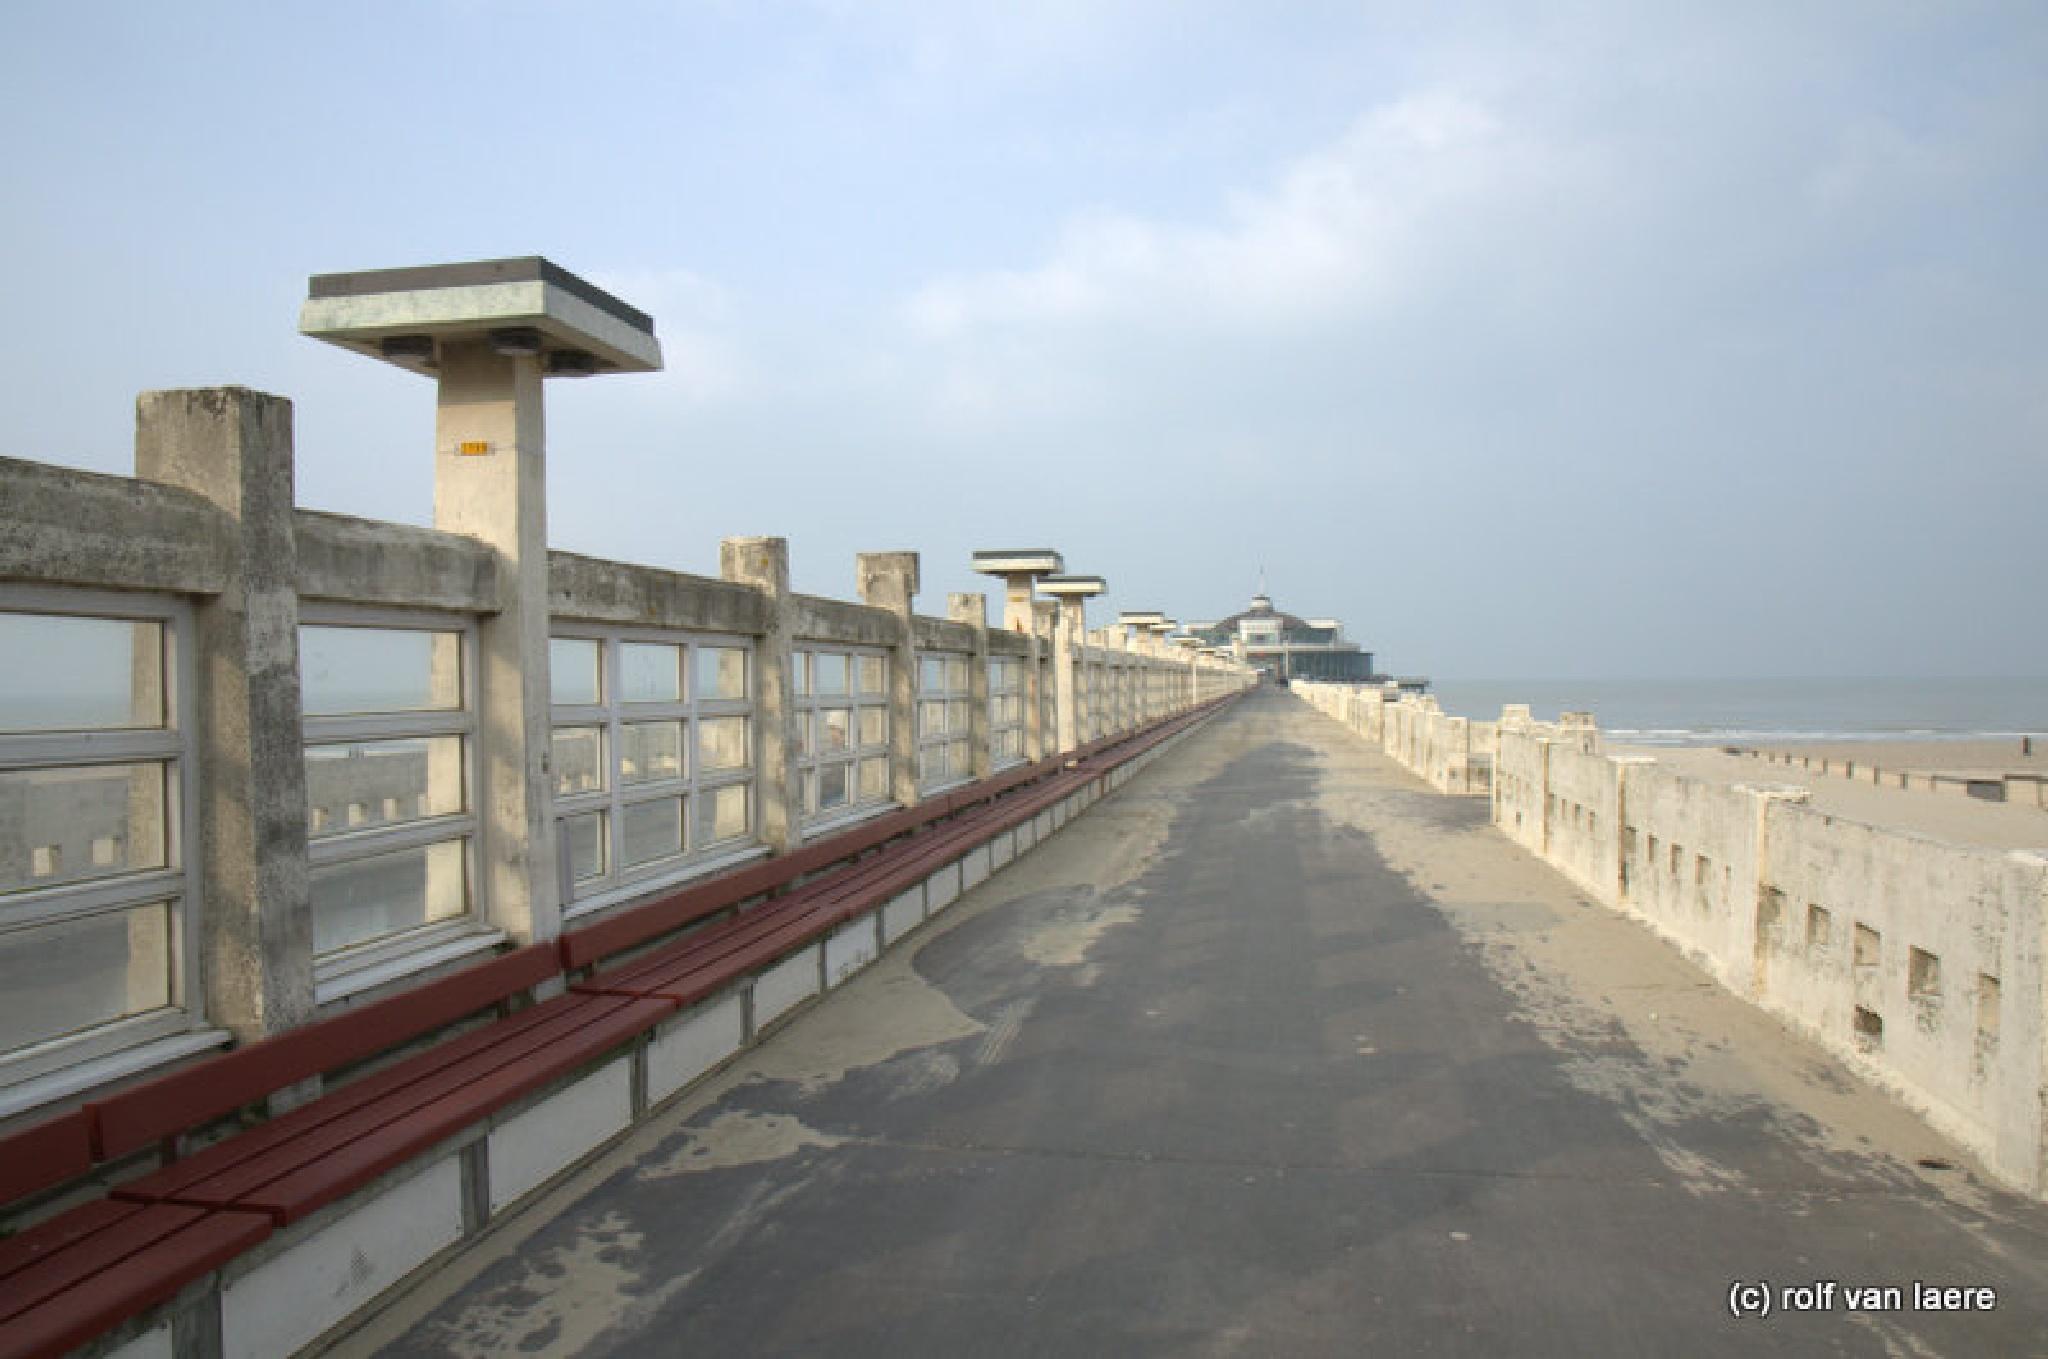 Pier by Rolf van Laere